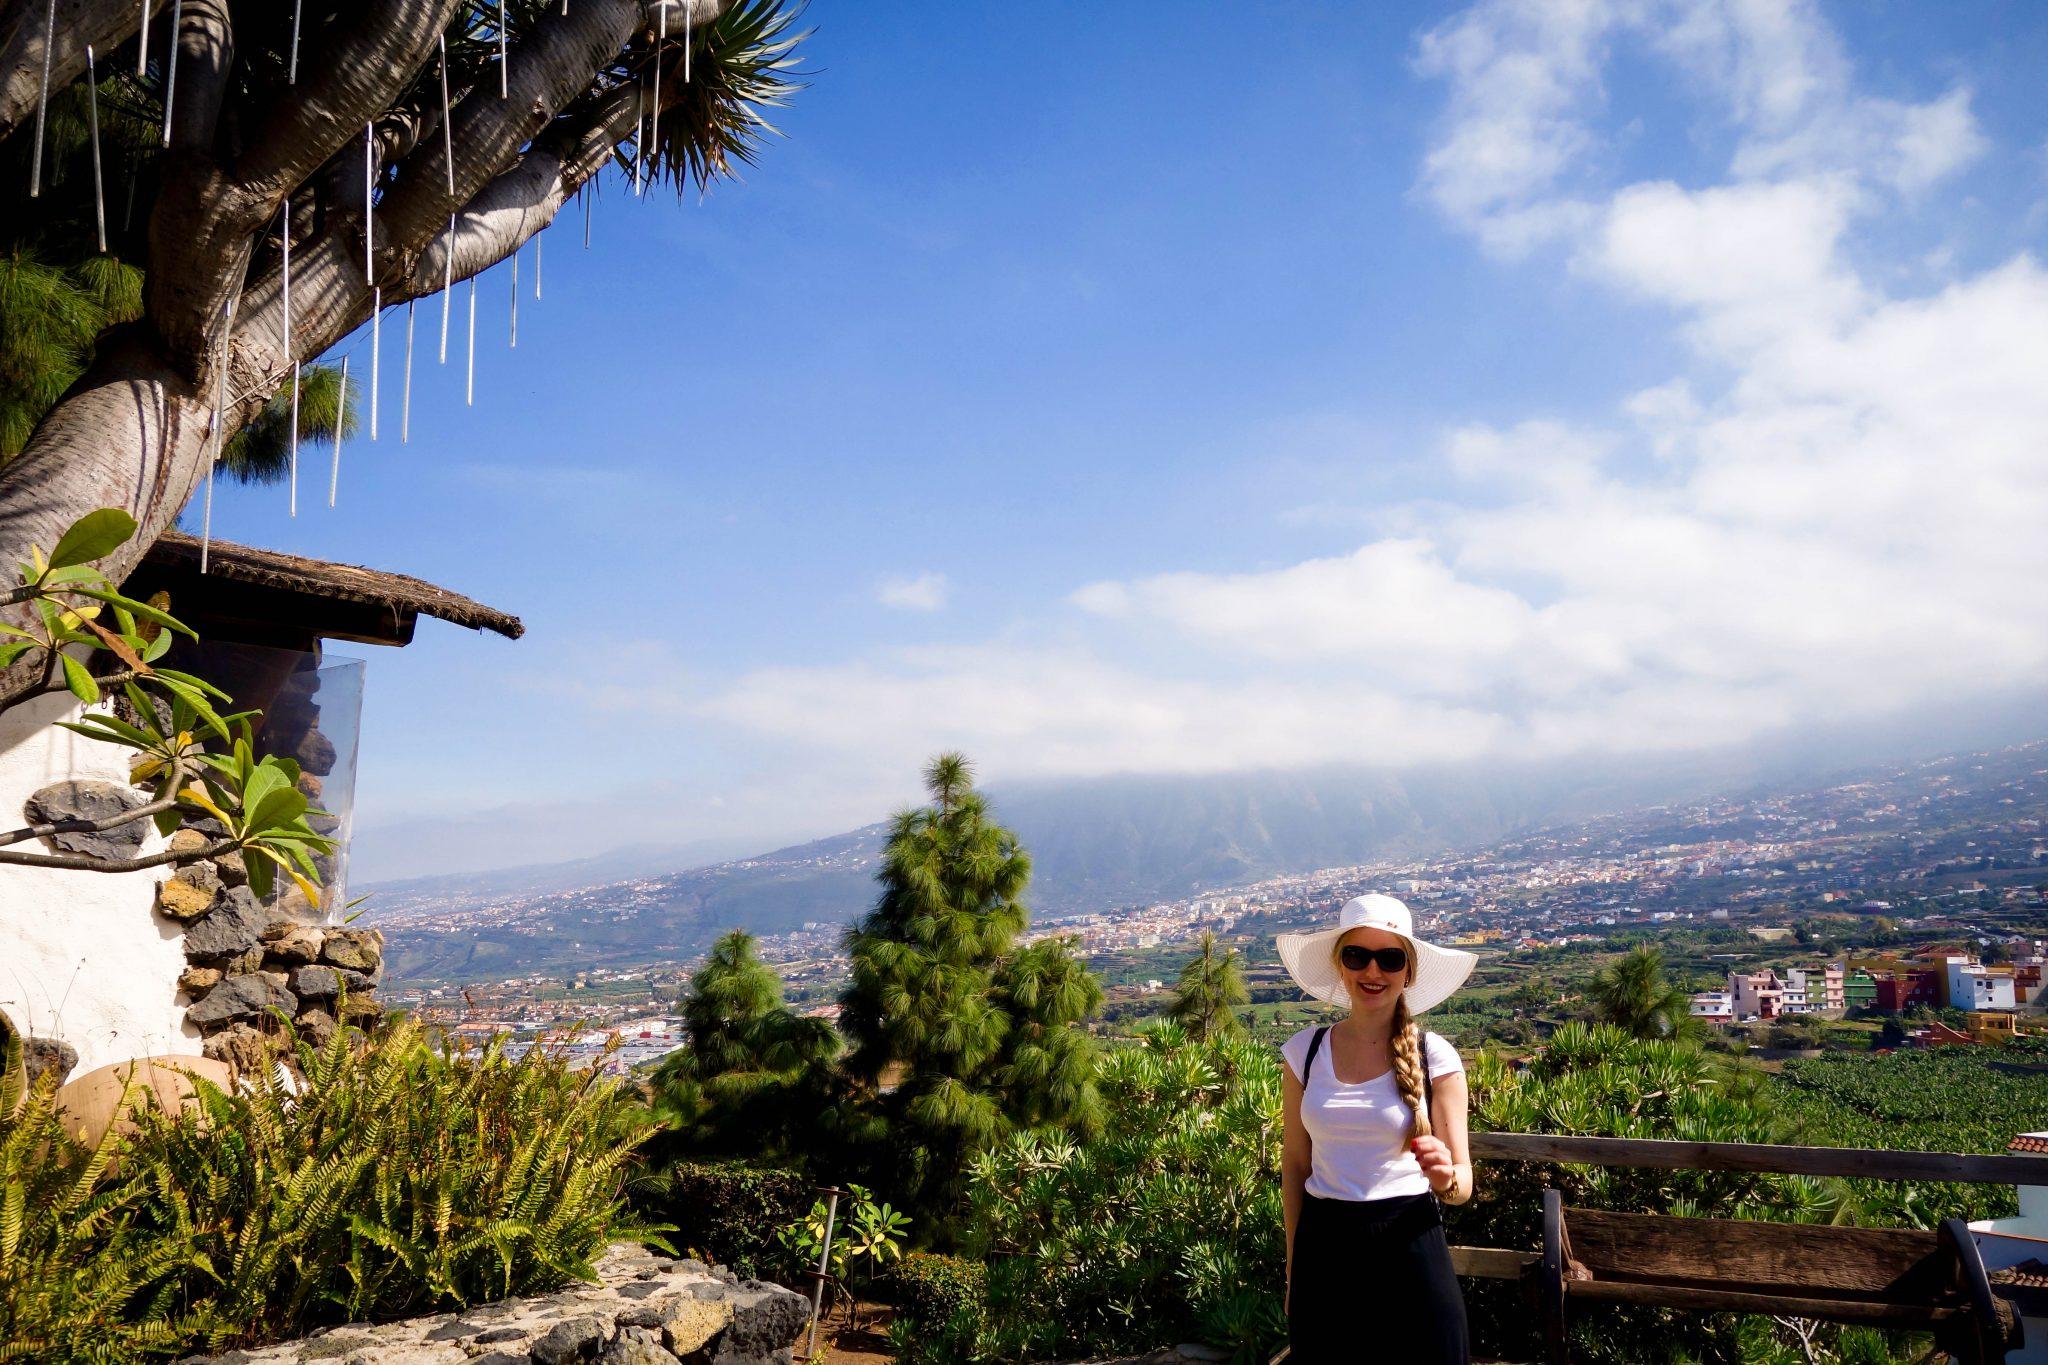 Die Aussicht vom Monasterio in Puerto de la Cruz (auf der kanarischen Insel Teneriffa) ist phänomenal! Dort oben könnte ich stundenlang stehen, einfach herrlich! Vom Terrassencafé hast du die Möglichkeit, direkt an der Scheibe zur Aussicht zu sitzen.